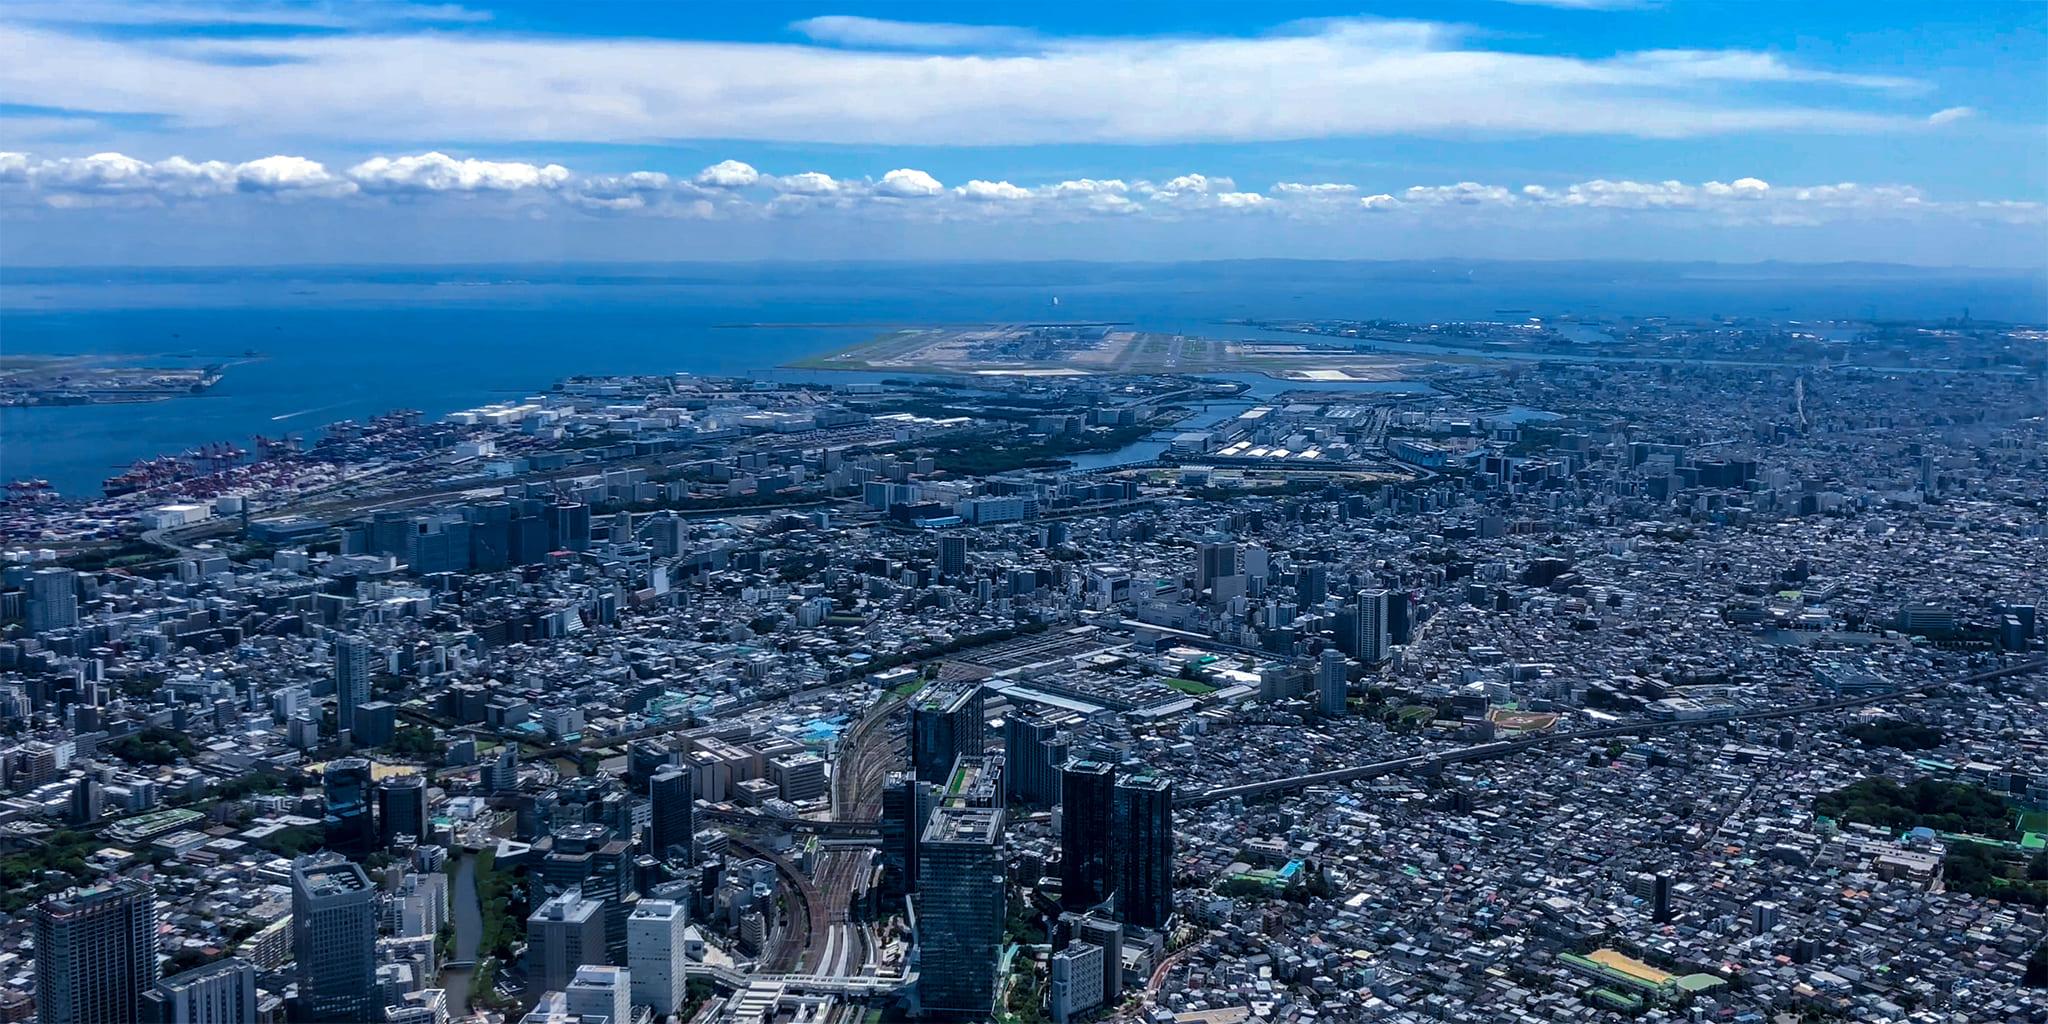 ヘリコプターで東京上空をフライトして見える羽田